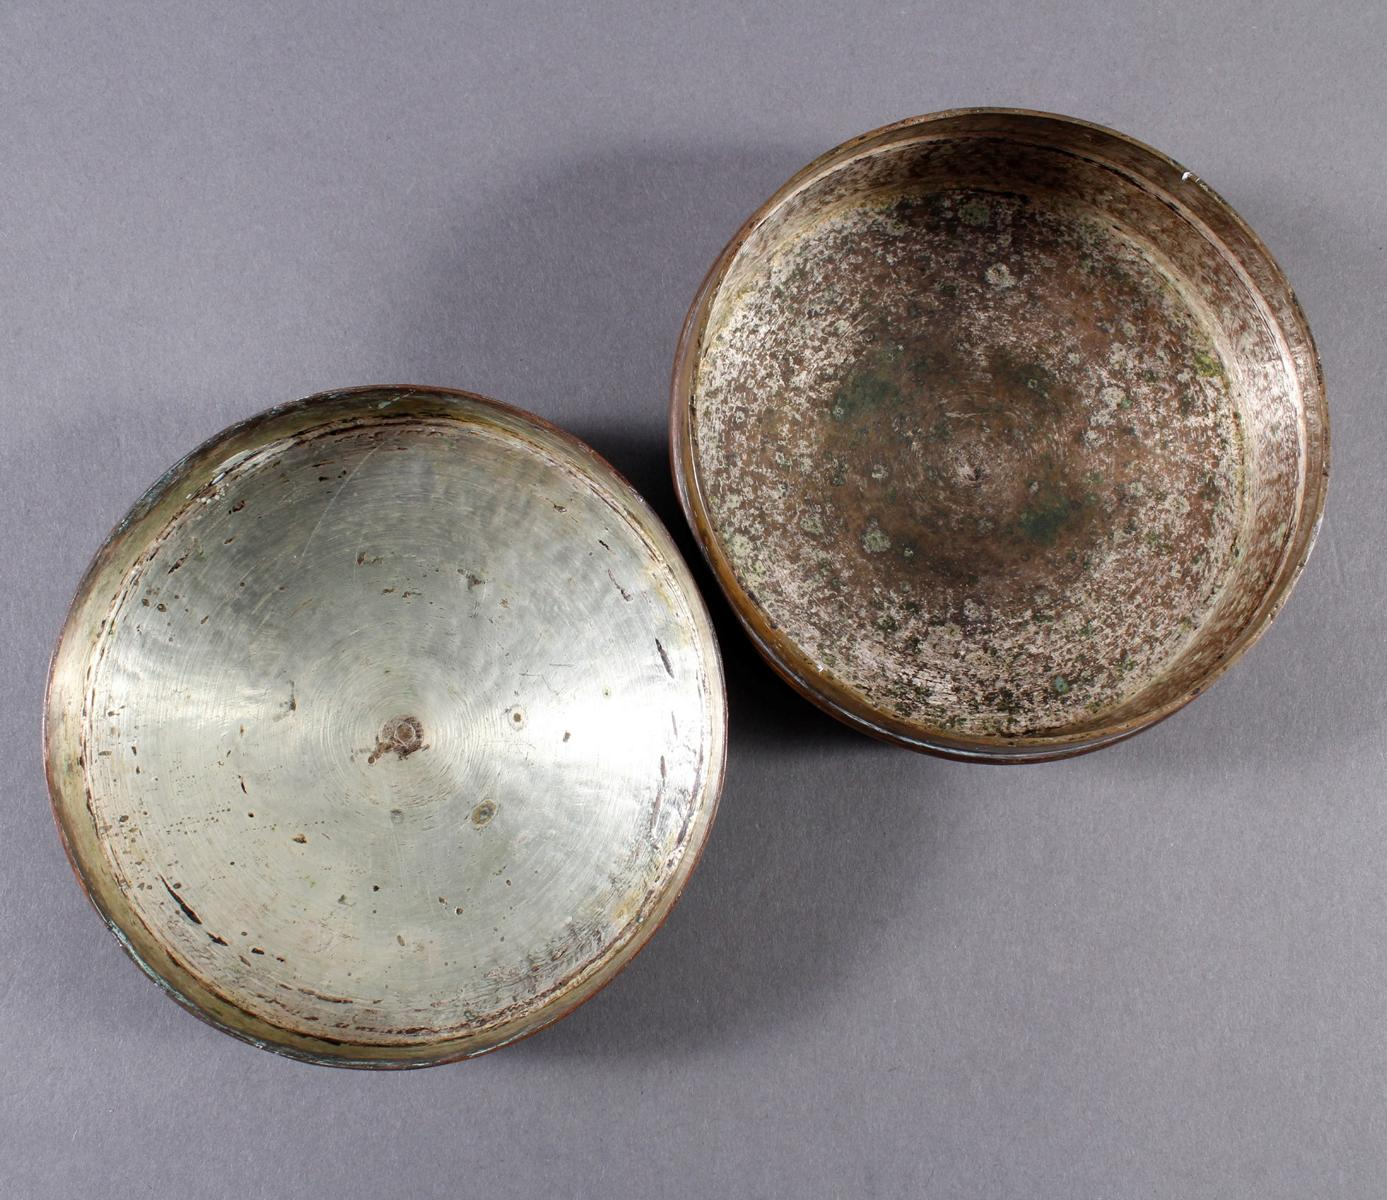 Silbertauschierte Deckeldose aus dickwandigem Kupfer-3